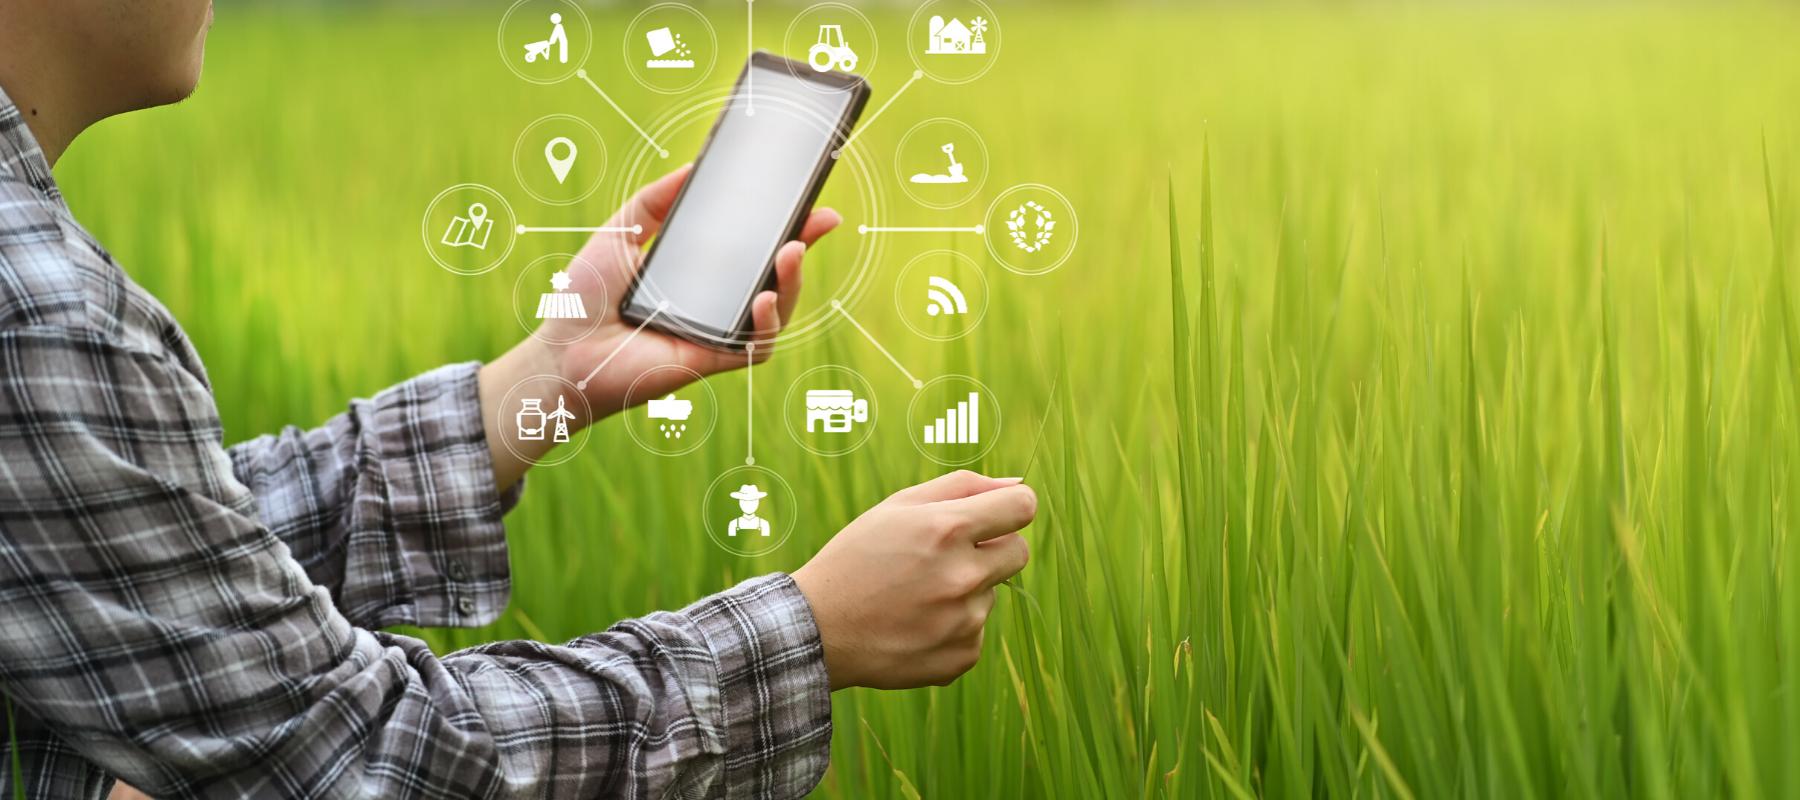 …oder stehst du vor Herausforderungen im Bereich der Digitalisierung oder im Online-Marketing?